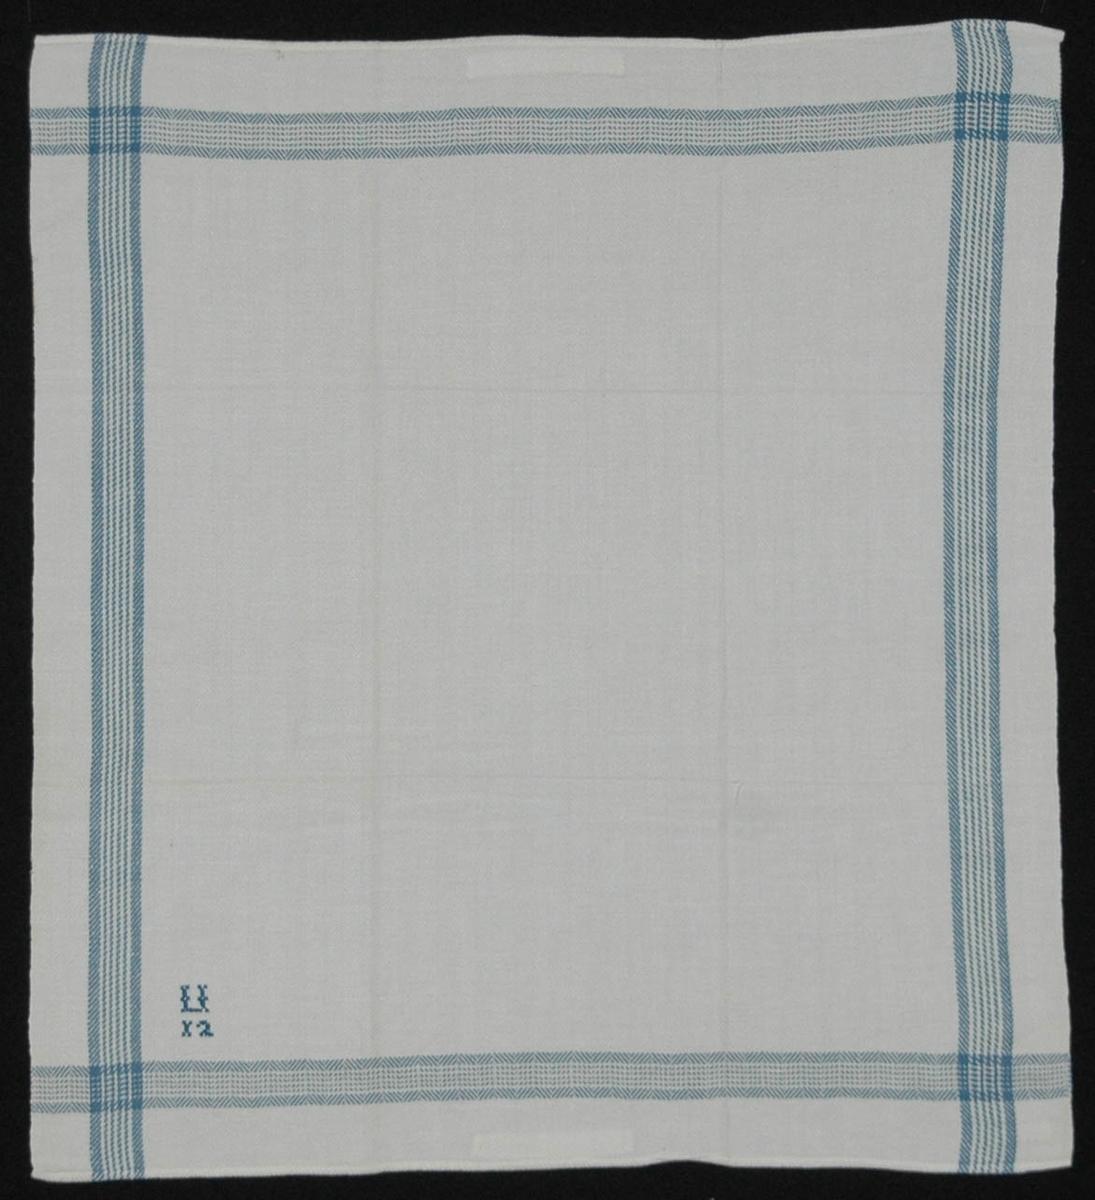 Varp 2 tr, vitt bomullsgarn, inslag 1 tr, vitt lingarn. Spetskypert. Blårandig bård runtom.  I ena hörnet broderat monogram, blått bomullsgarn, korssöm: U, därunder 12.  Fastsydda hängare av vita bomullsband vid båda kortsidorna.  Handfållad.  Ngt sliten, blekt.  Varp: 17 tr/cm Inslag: 15 tr/cm Skaft: 4